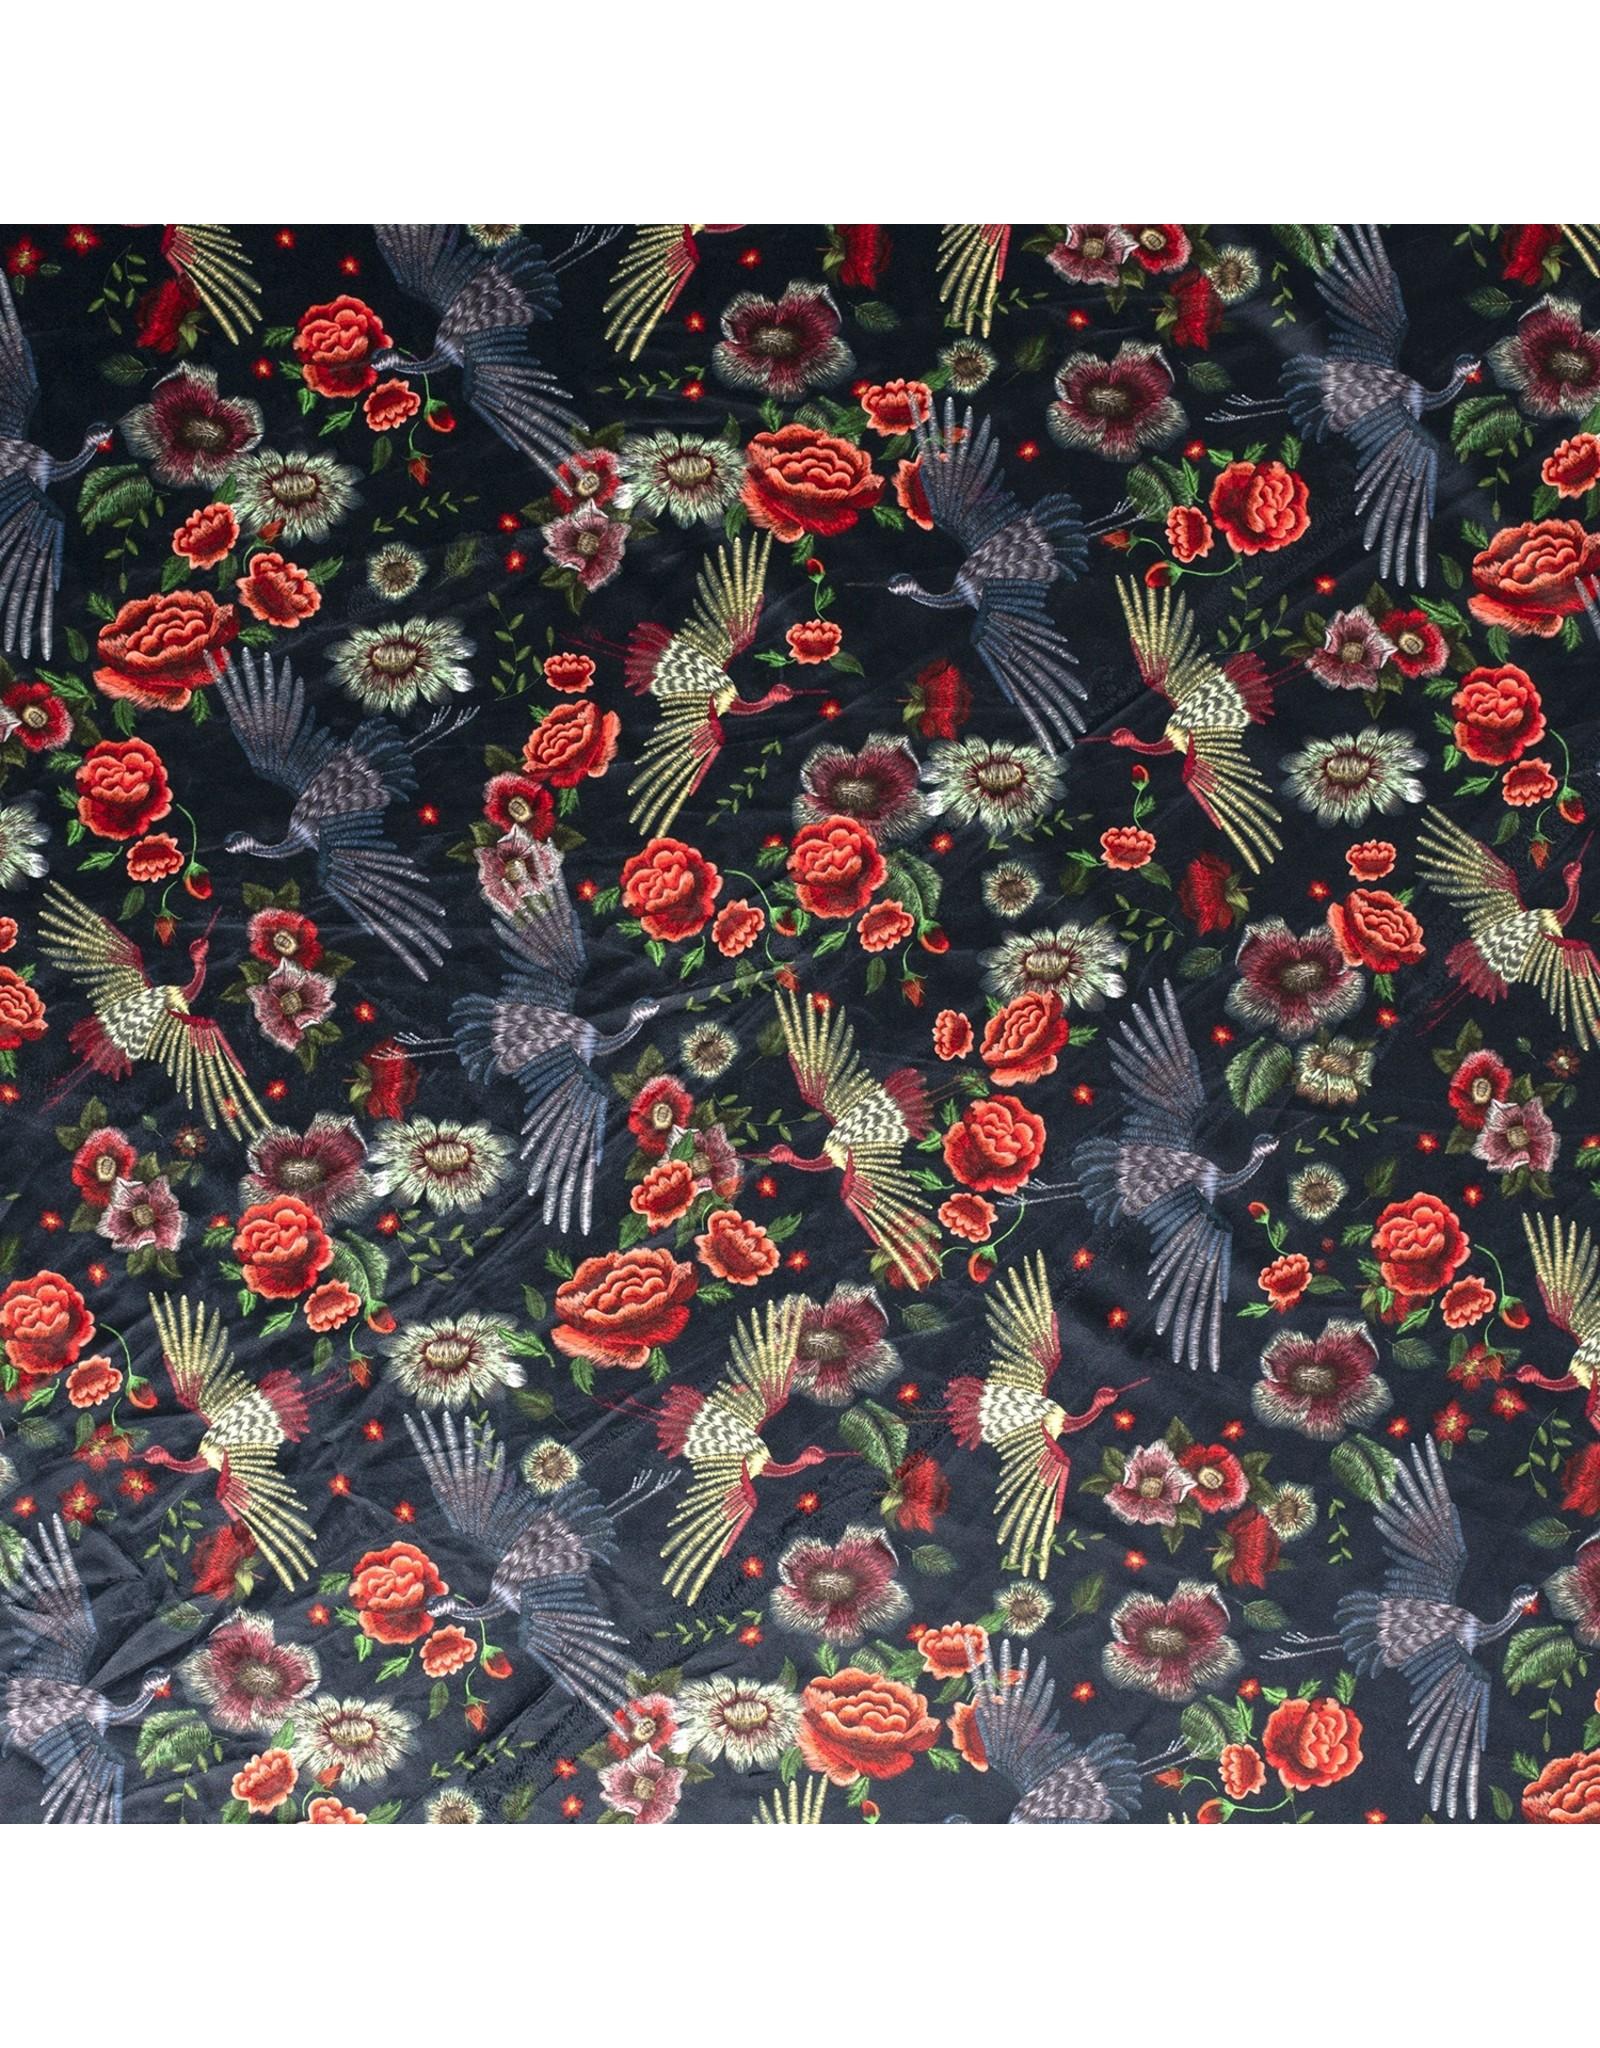 Nobodeco Home Fluweel stof Bloemen Zwart